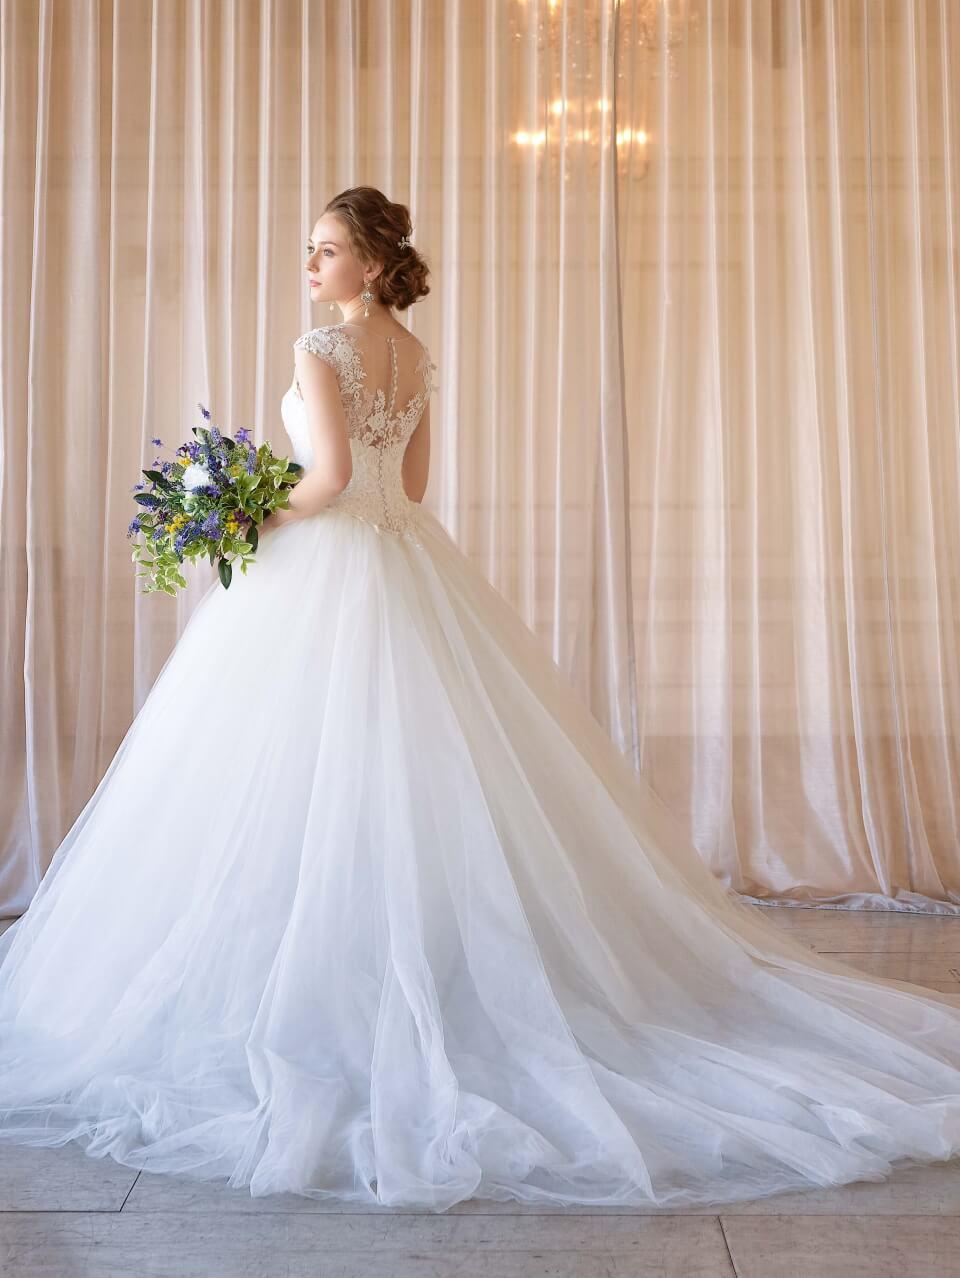 【30代の花嫁を美しく魅せる】2019年新作ウェディングドレスが完成♪